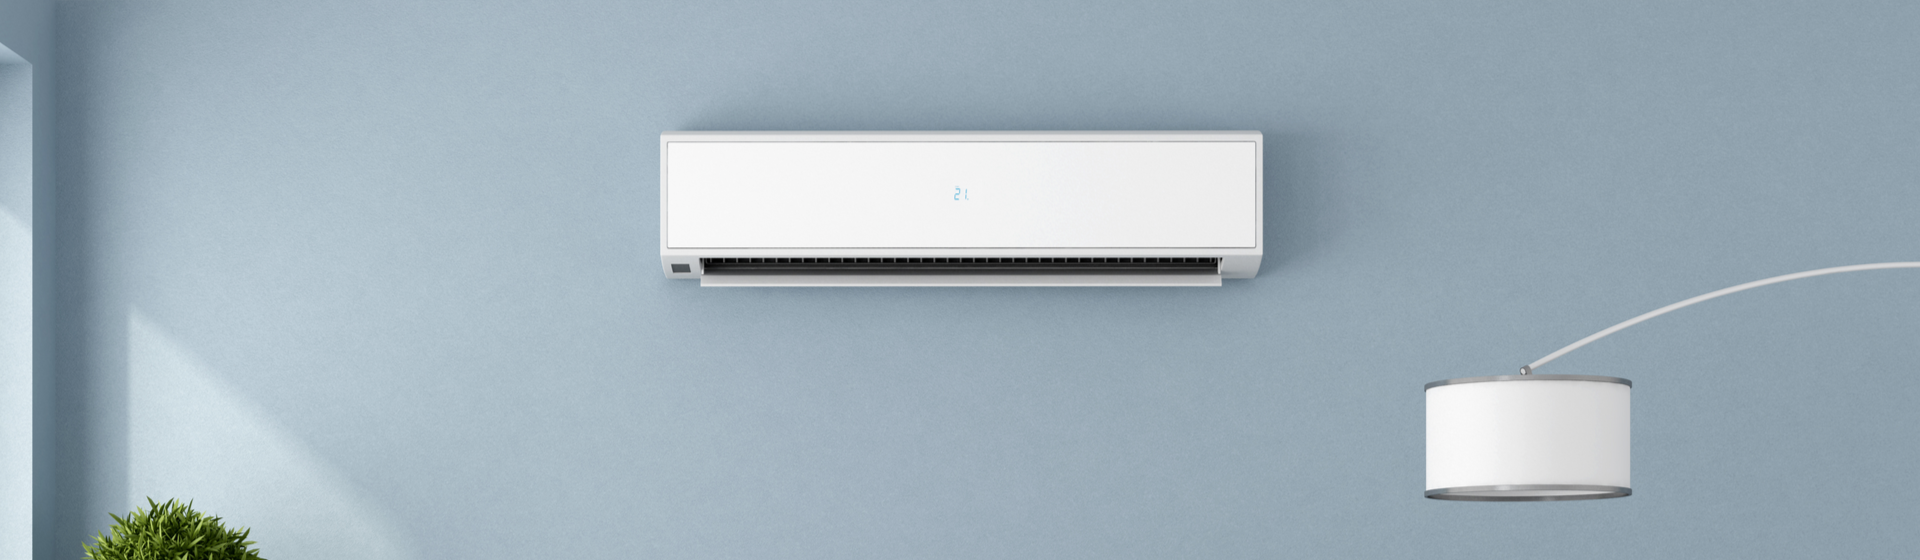 Melhor Ar Condicionado: modelos para comprar na Semana do Brasil 2020